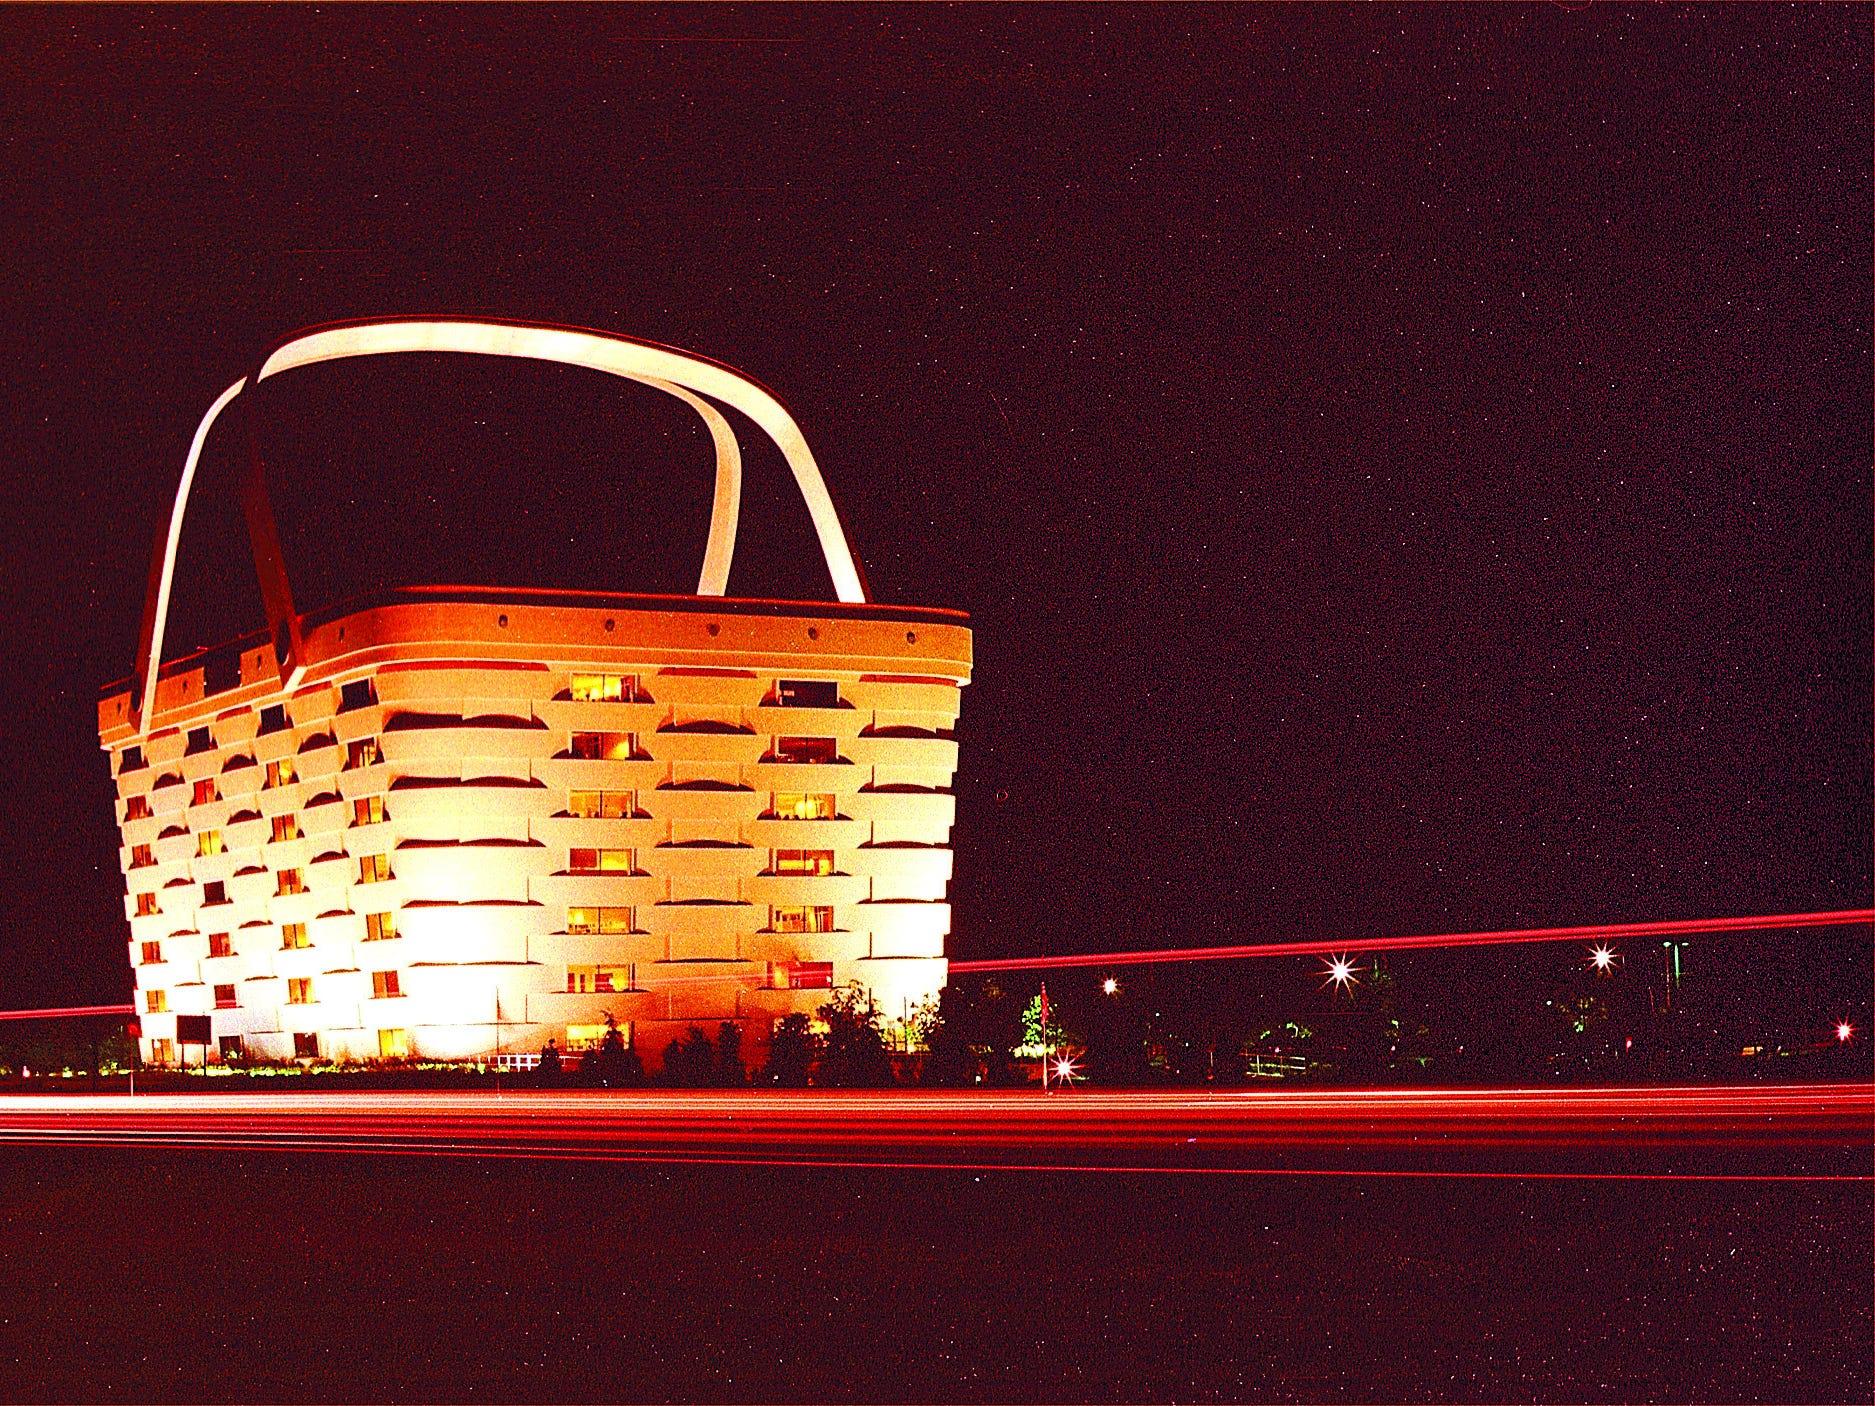 Longaberger Basket Building in Newark at night.